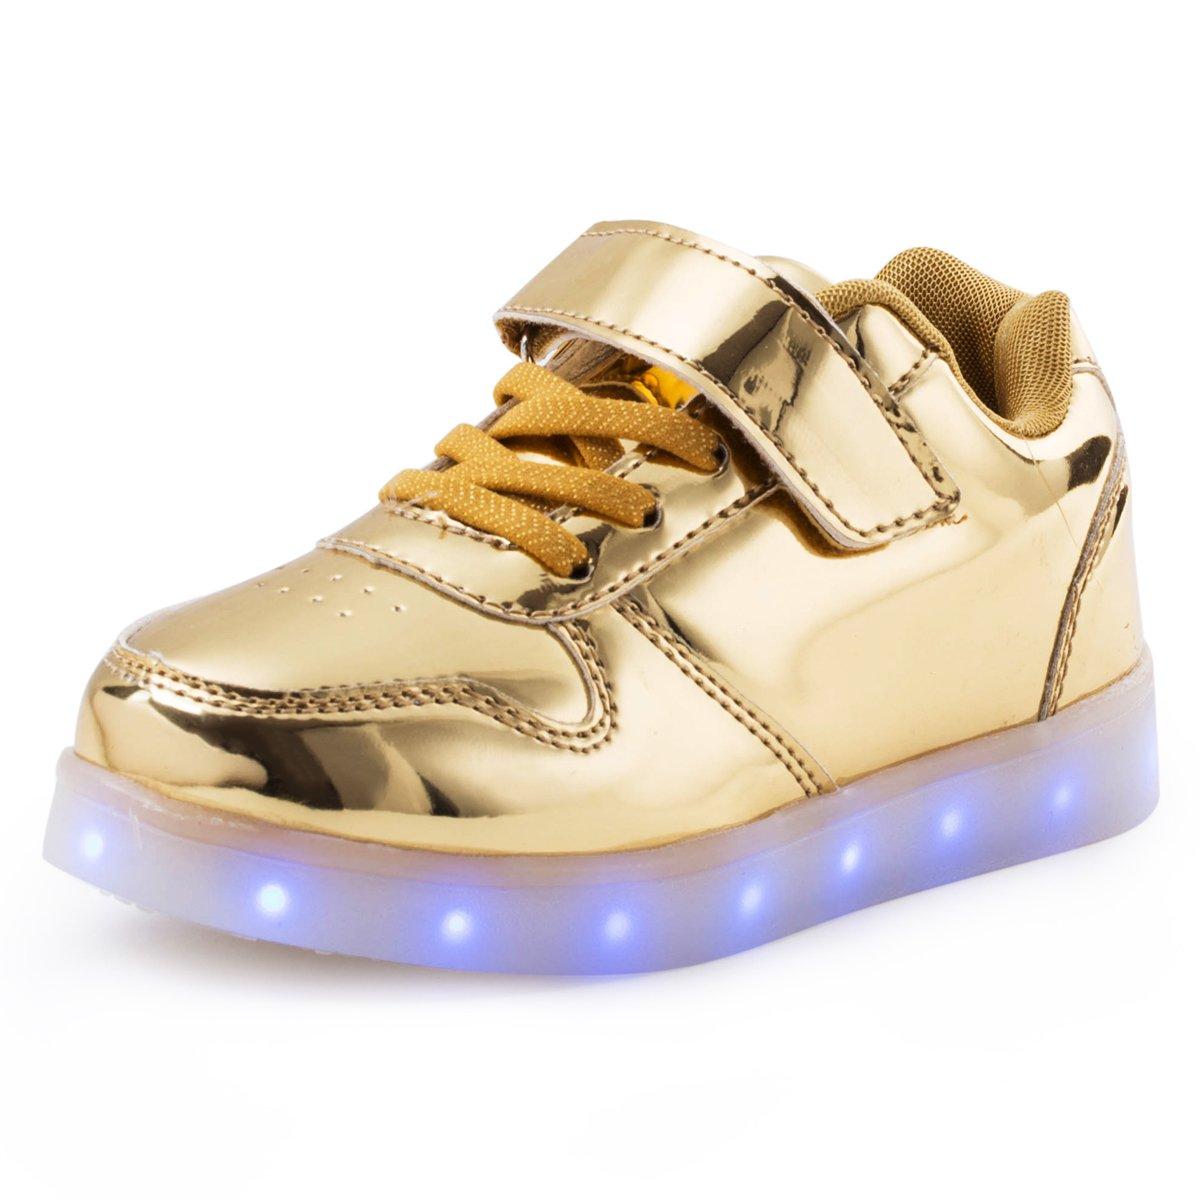 AFFINEST Boy Girls Light up Shoes Led Flashing Fashion Sneaker for Kids Toldder